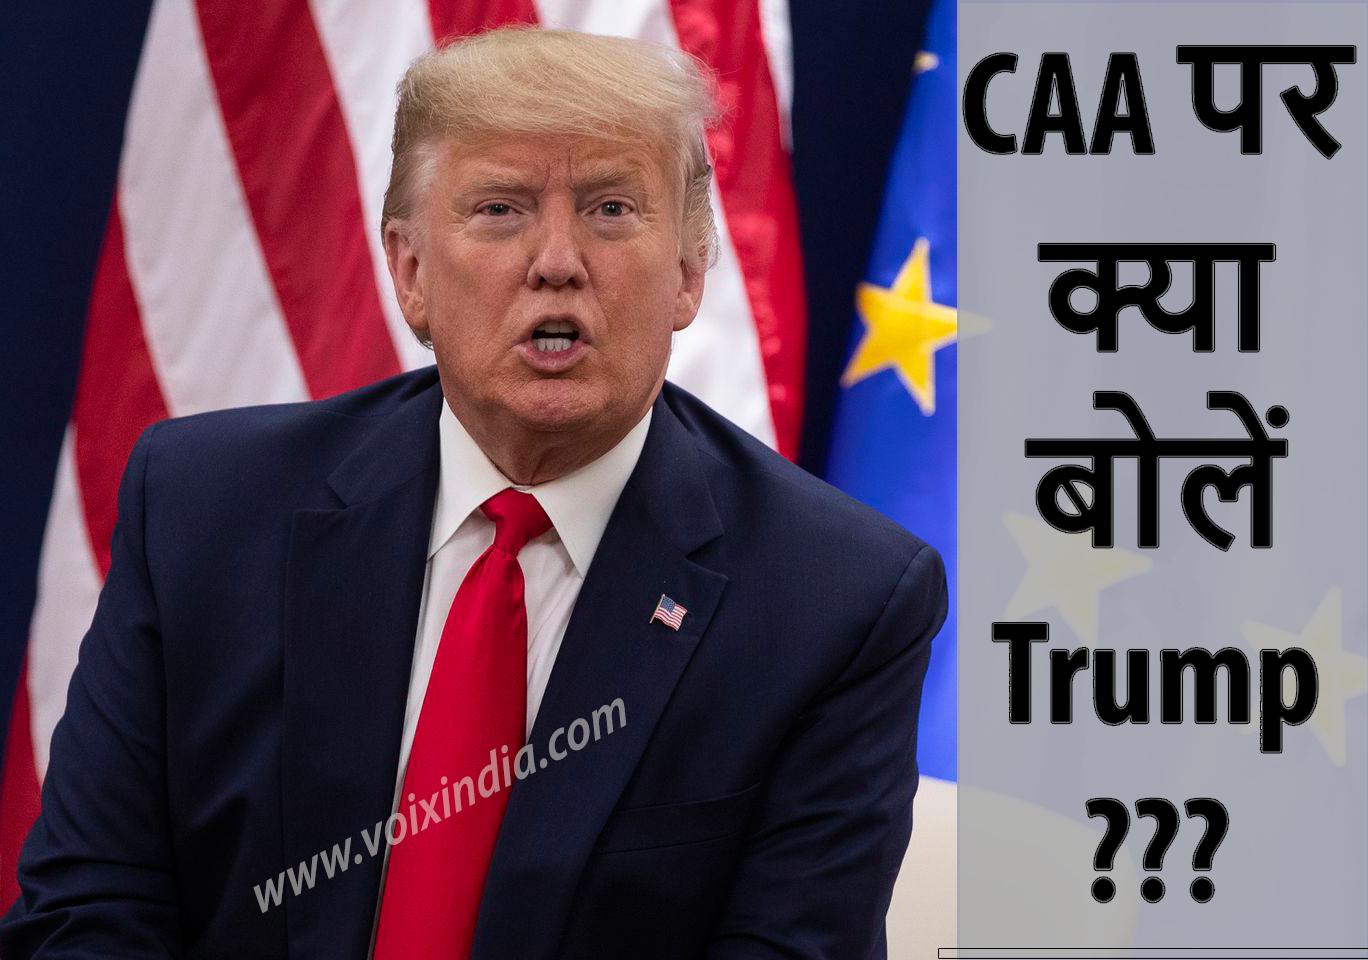 CAA पर क्या बोलें Trump ?